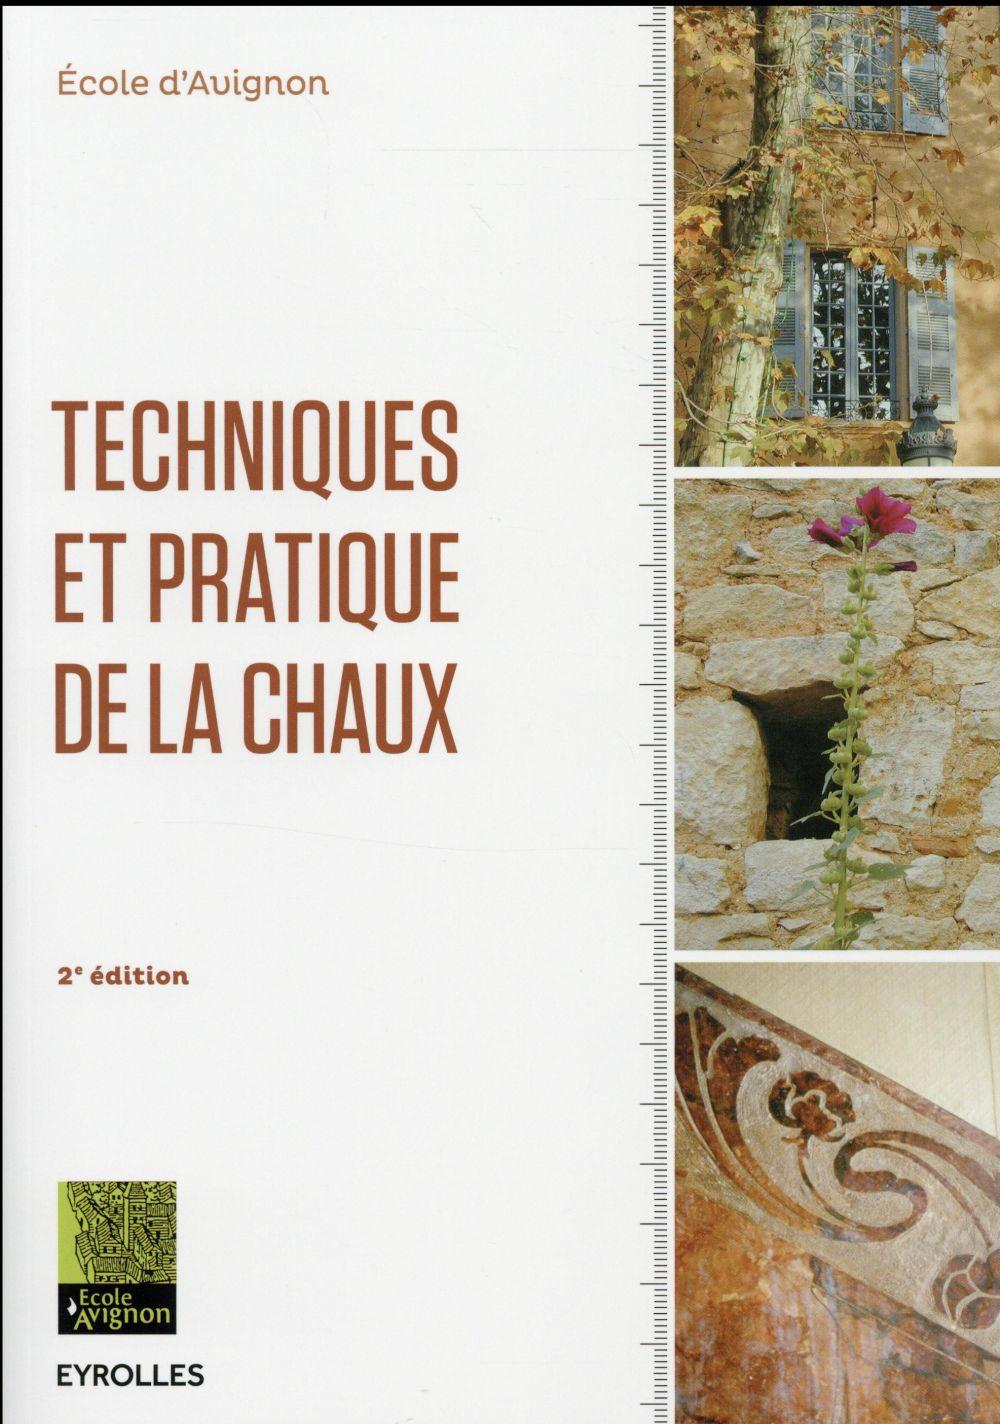 TECHNIQUES ET PRATIQUE DE LA CHAUX ECOLE D-AVIGNON Eyrolles